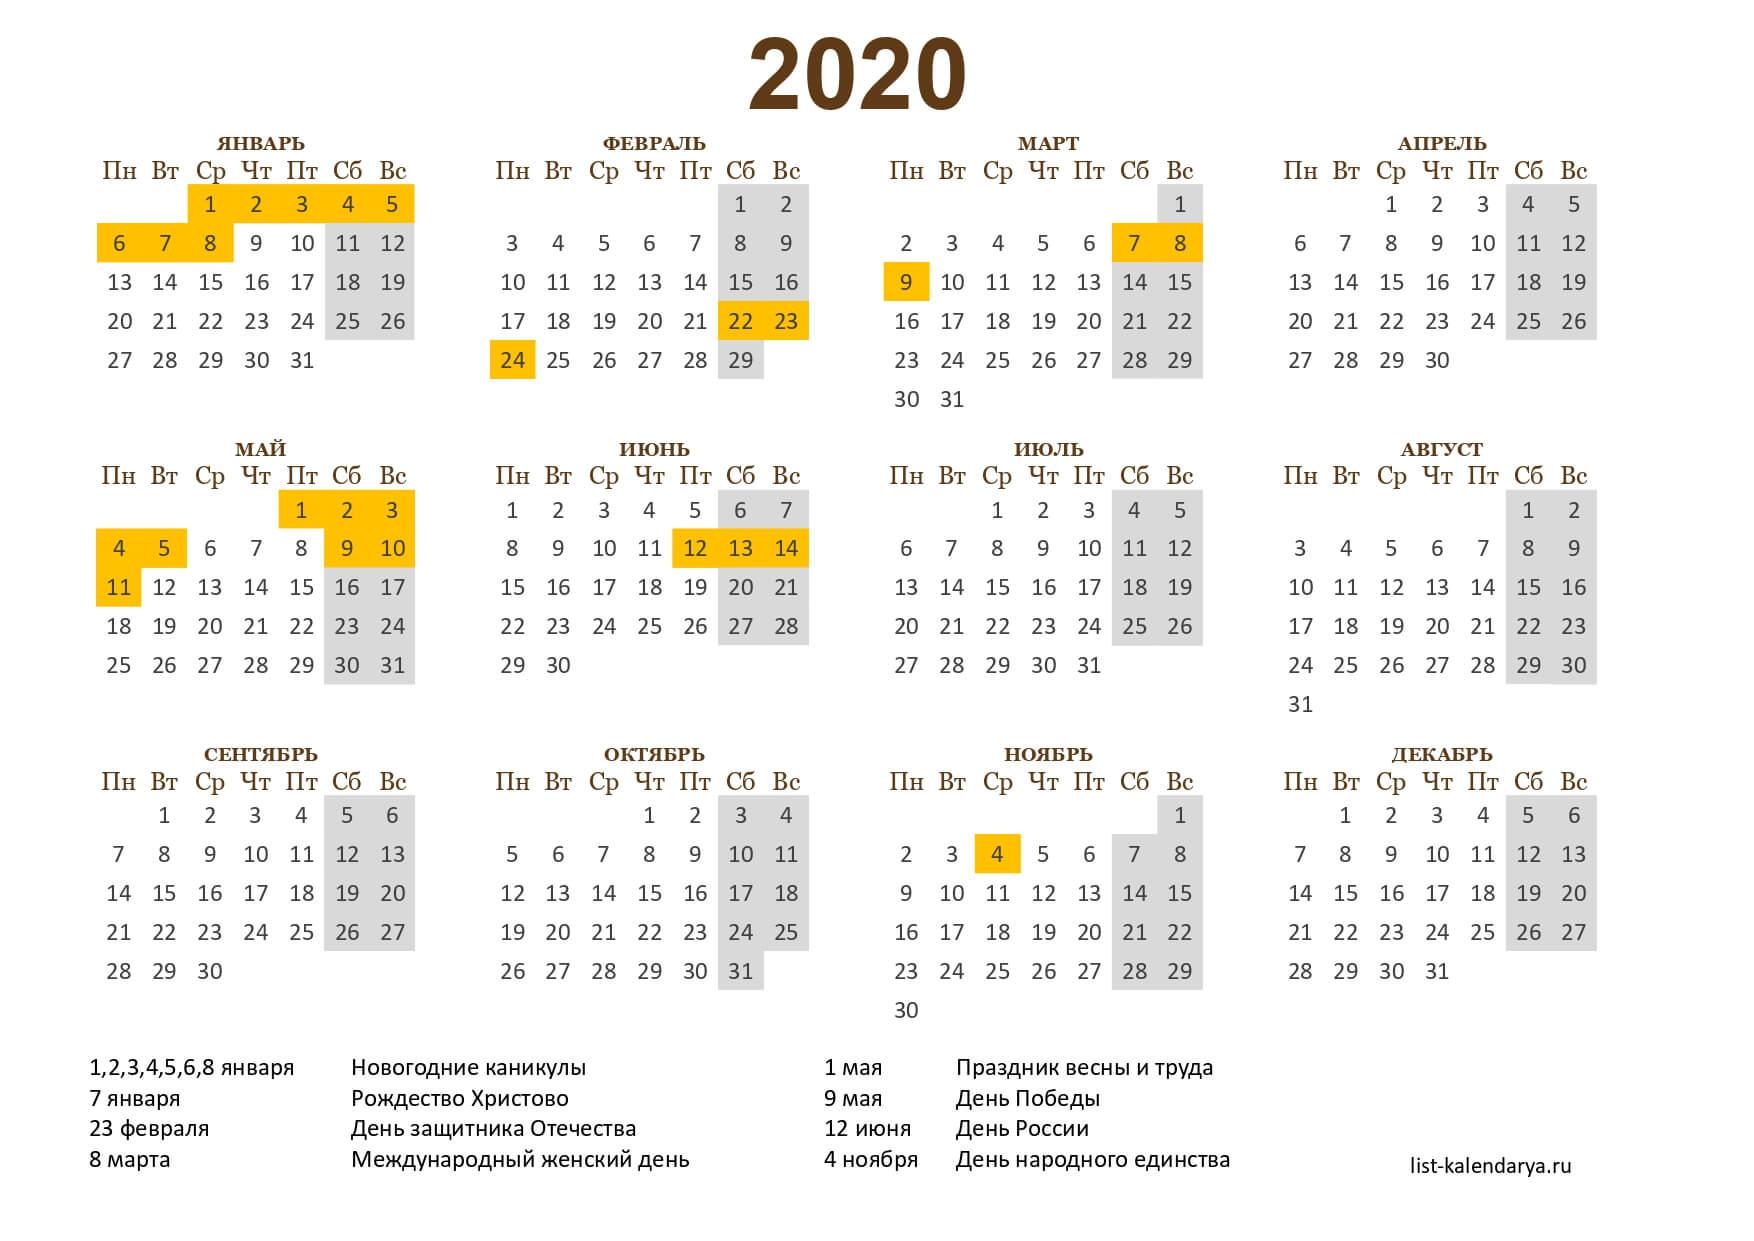 Скачать Календарь На 2020 Год В Форматах: Word, Pdf, Jpg inside Kalendar Excel 2020